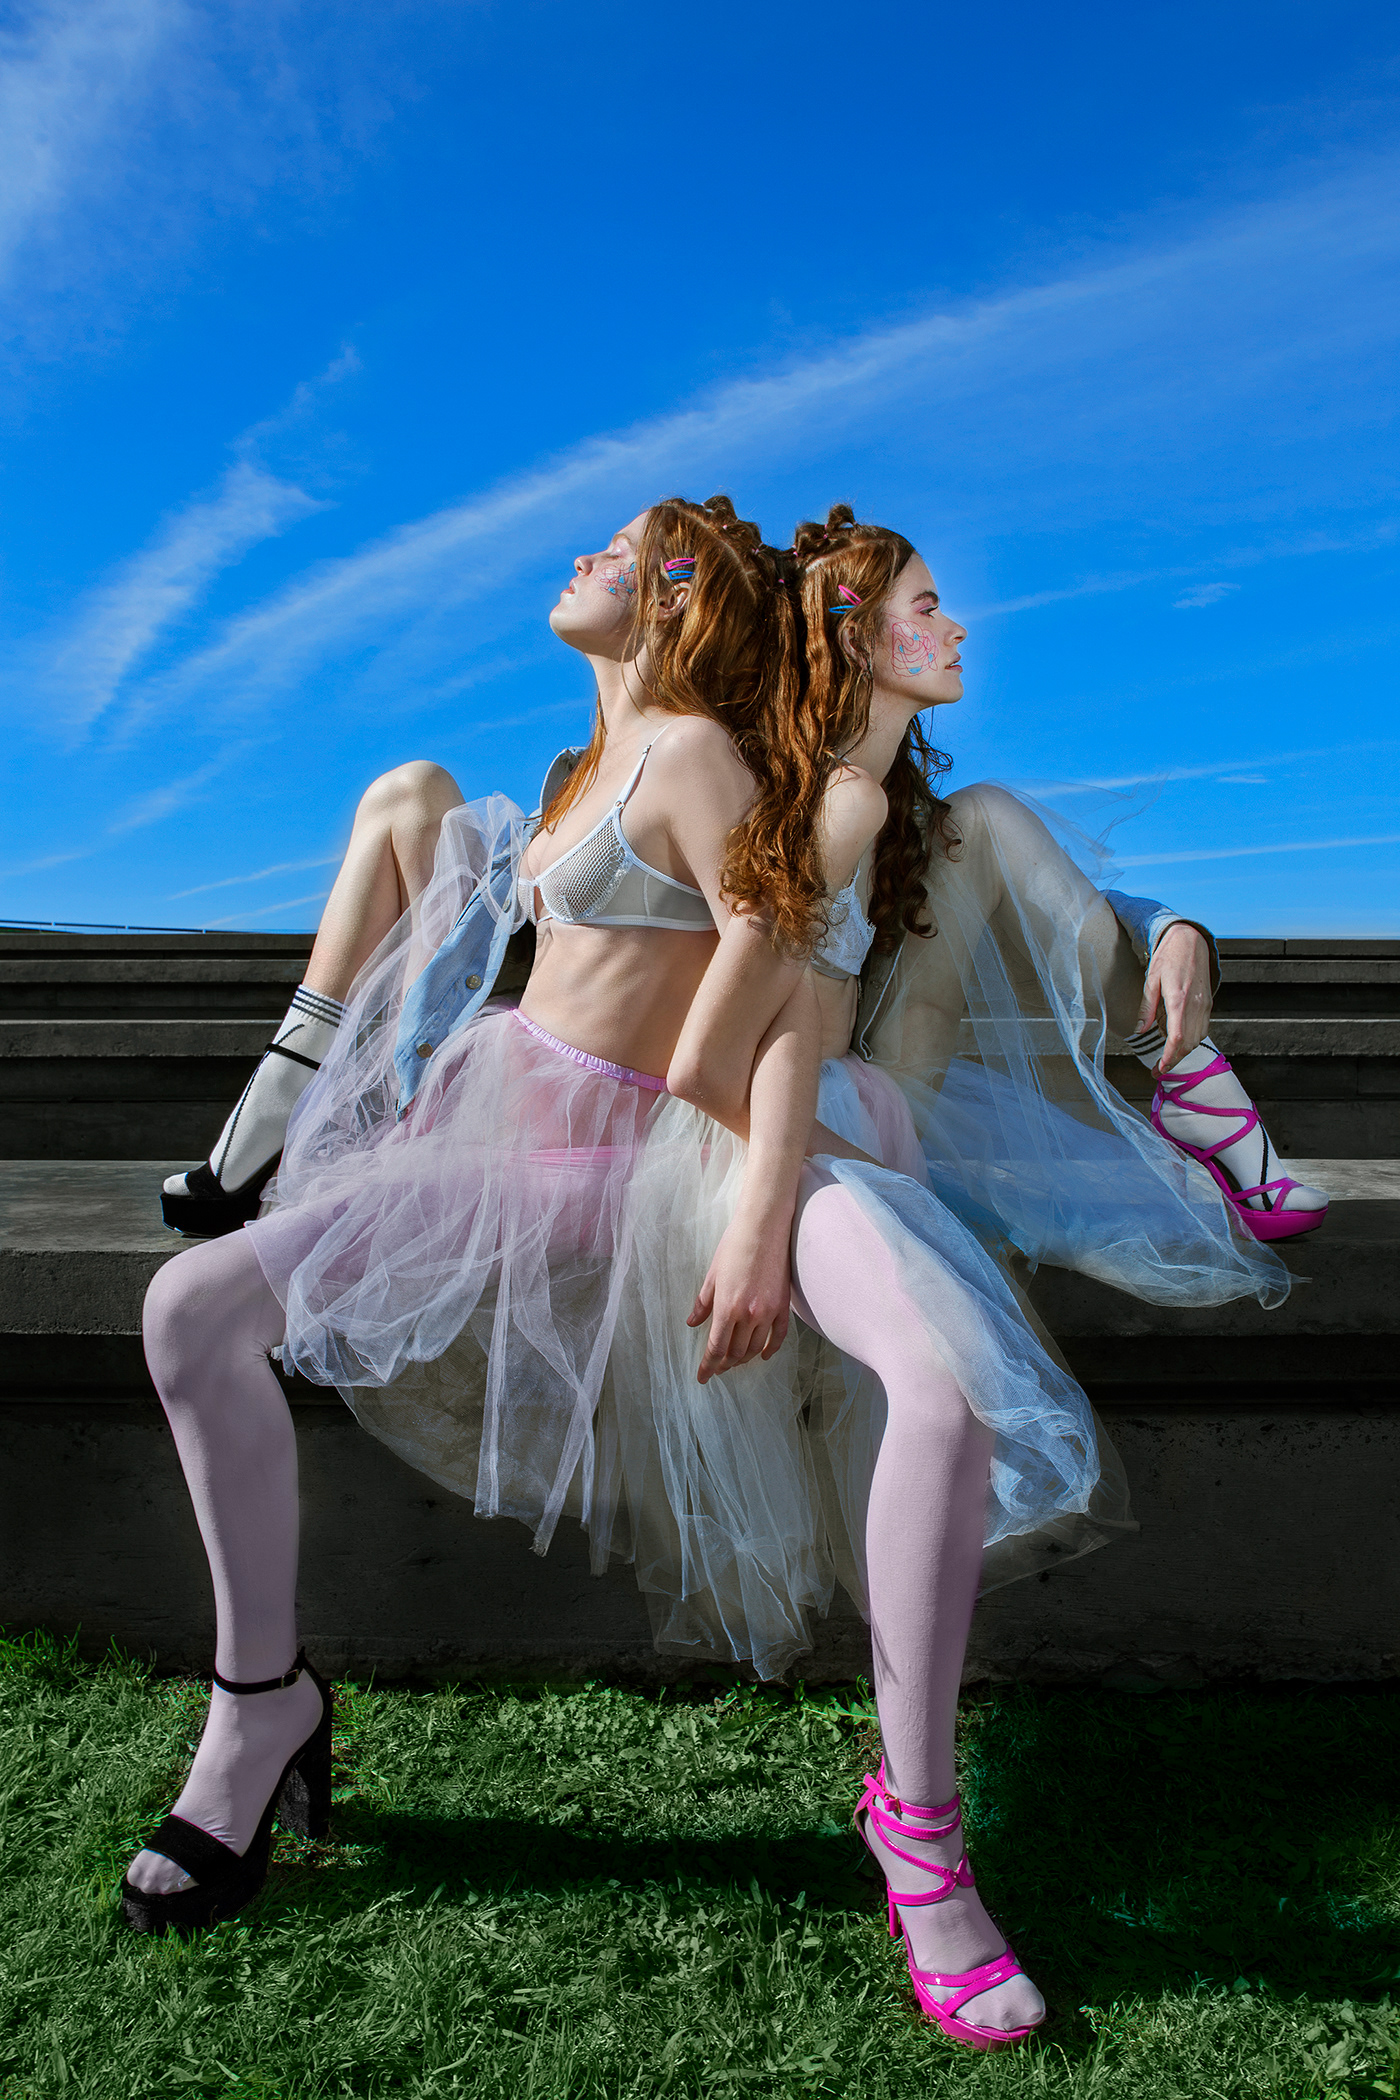 Asymmetrical Siamese / фотограф Elias Acosta